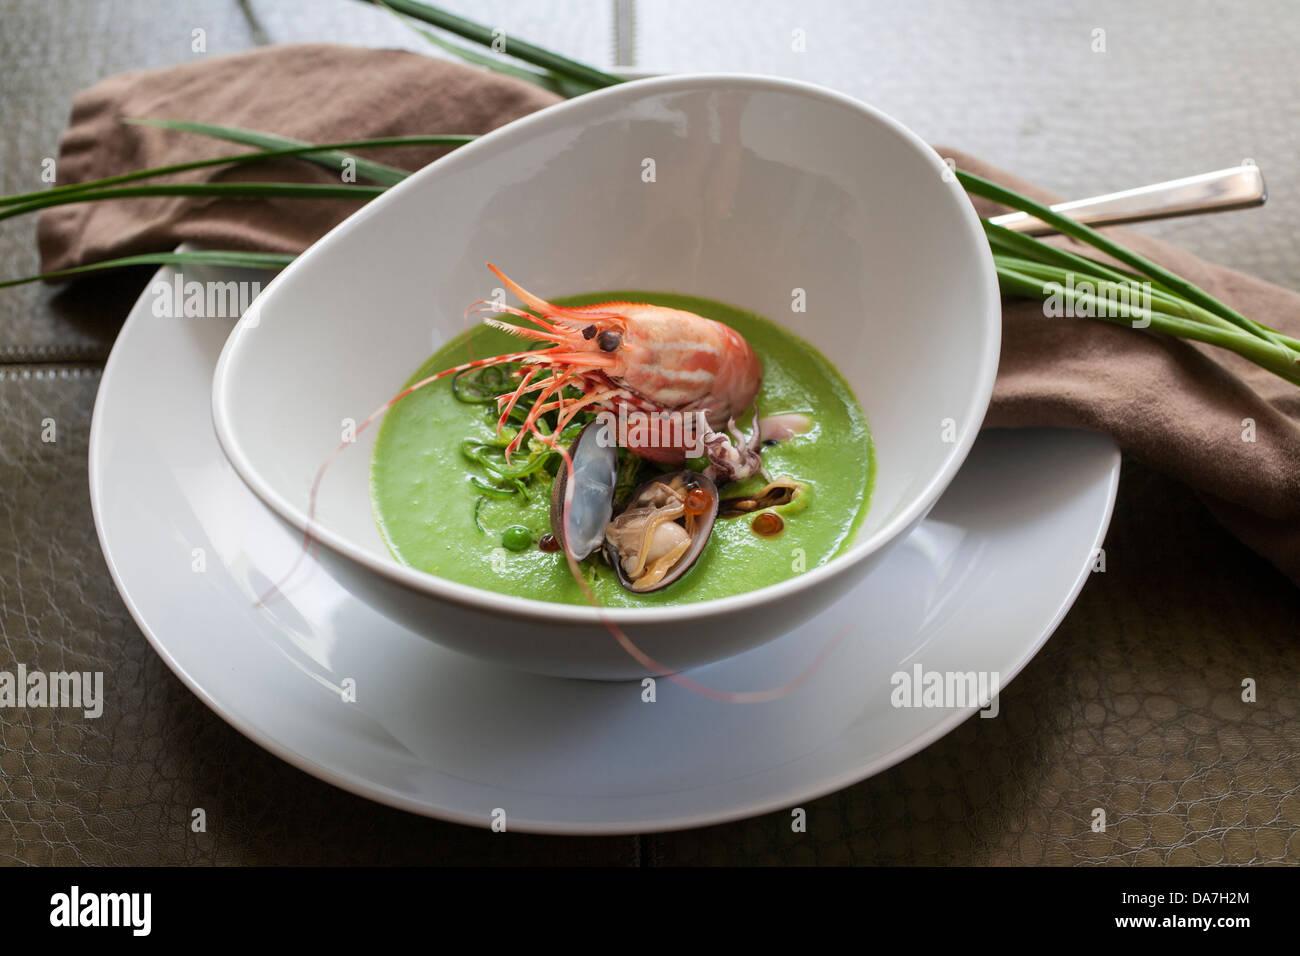 Plat de fruits de mer crevettes dans un bol de soupe de crevettes Photo Stock